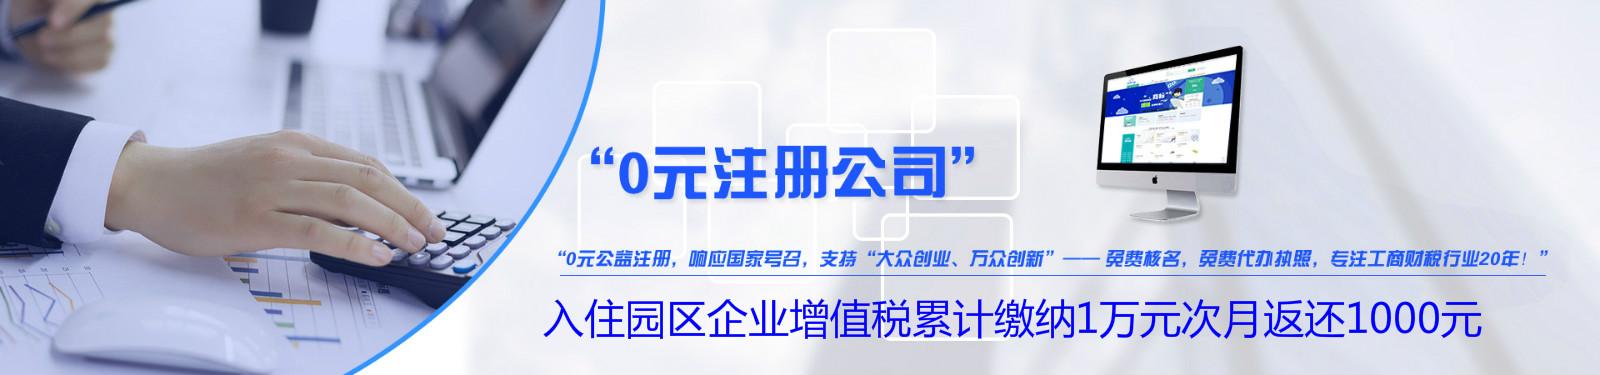 天津武清公司变更、税务变更、银行变更、米多乐财税全程代办